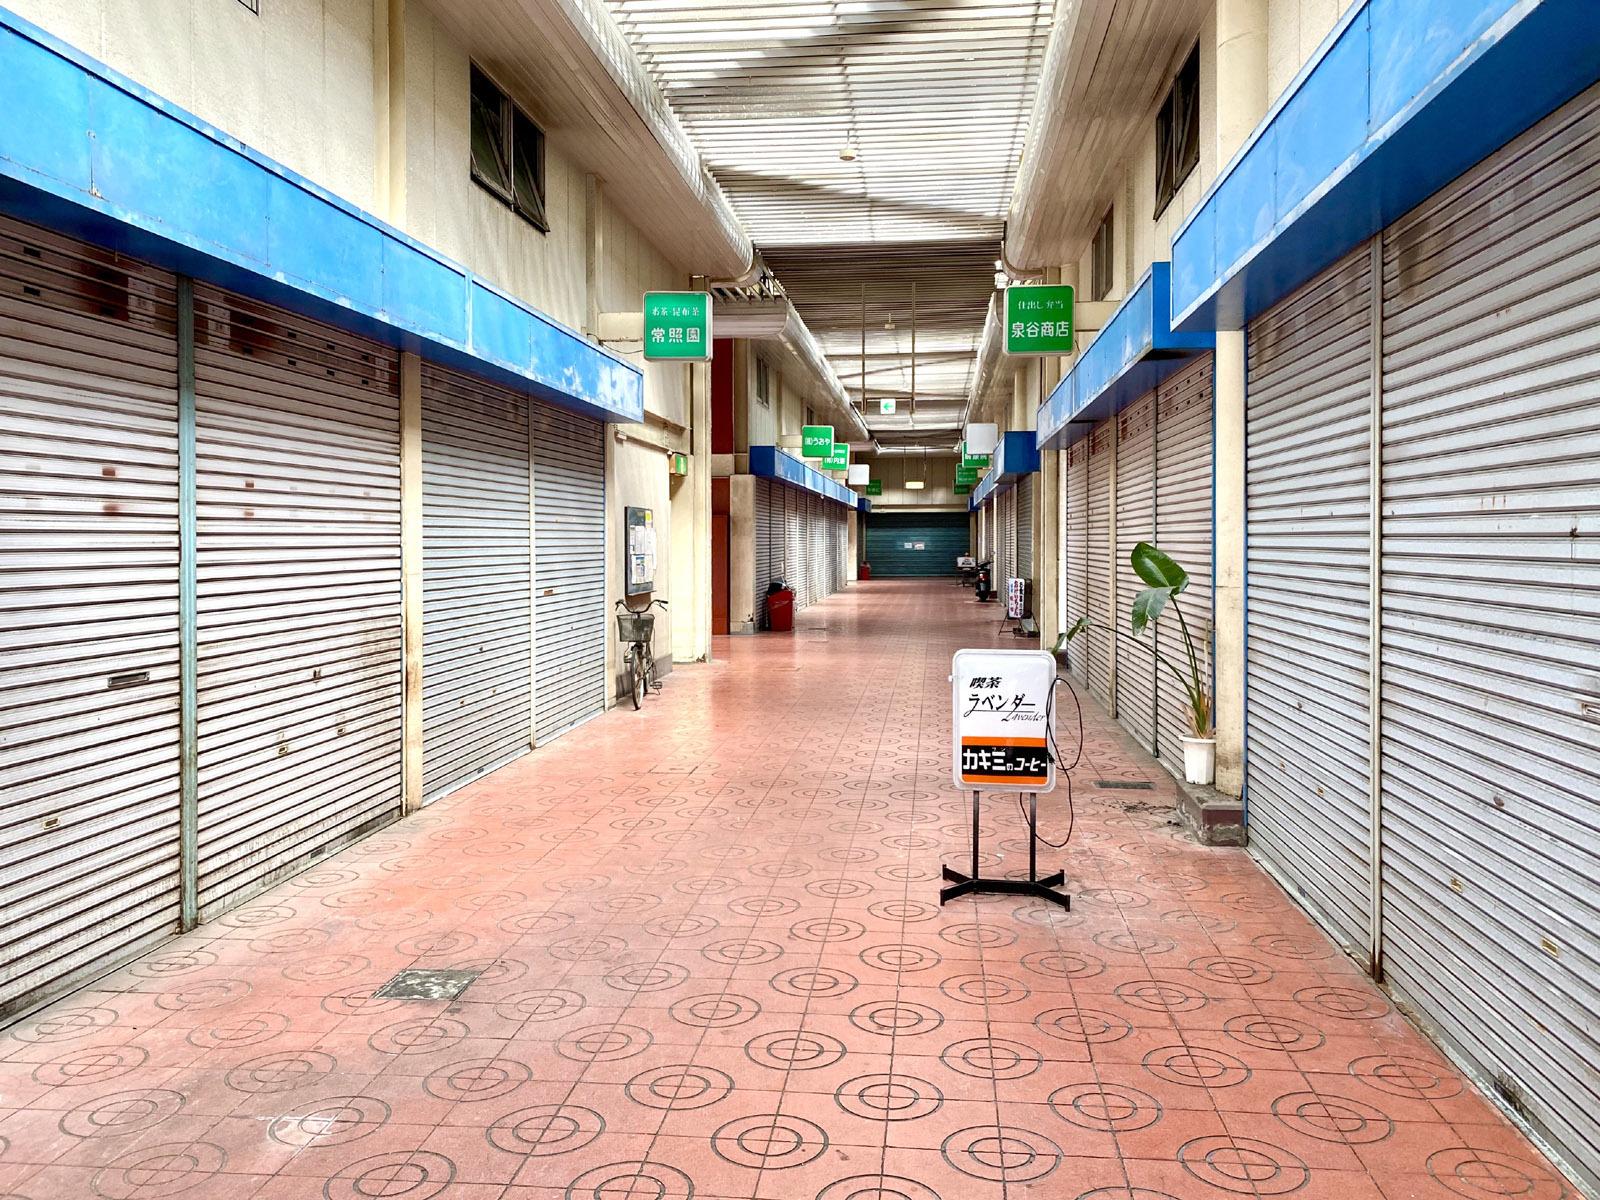 高松市中央卸売市場(関連商品売場棟)内